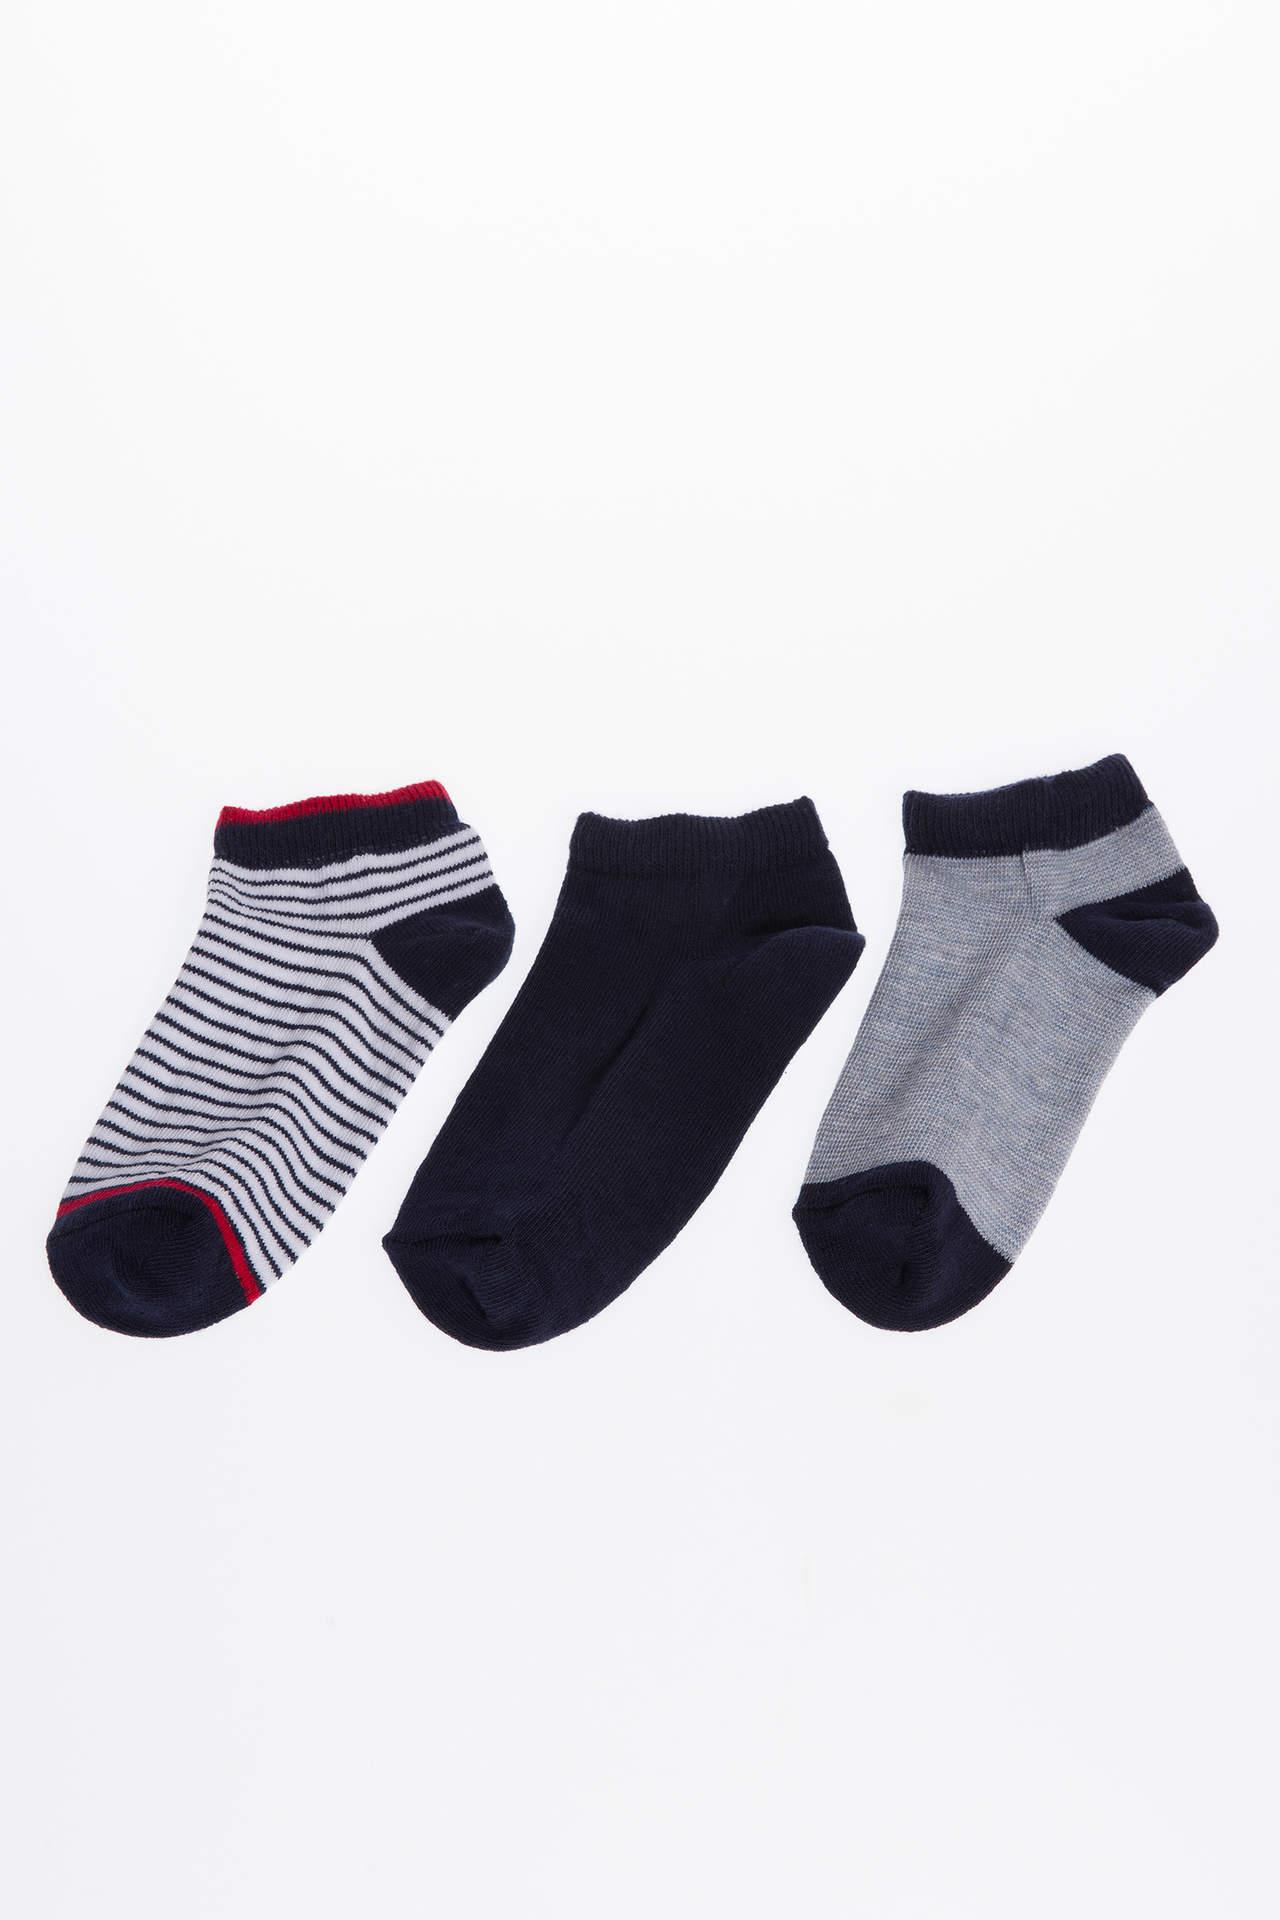 DeFacto Erkek Çocuk 3'lü Çorap male